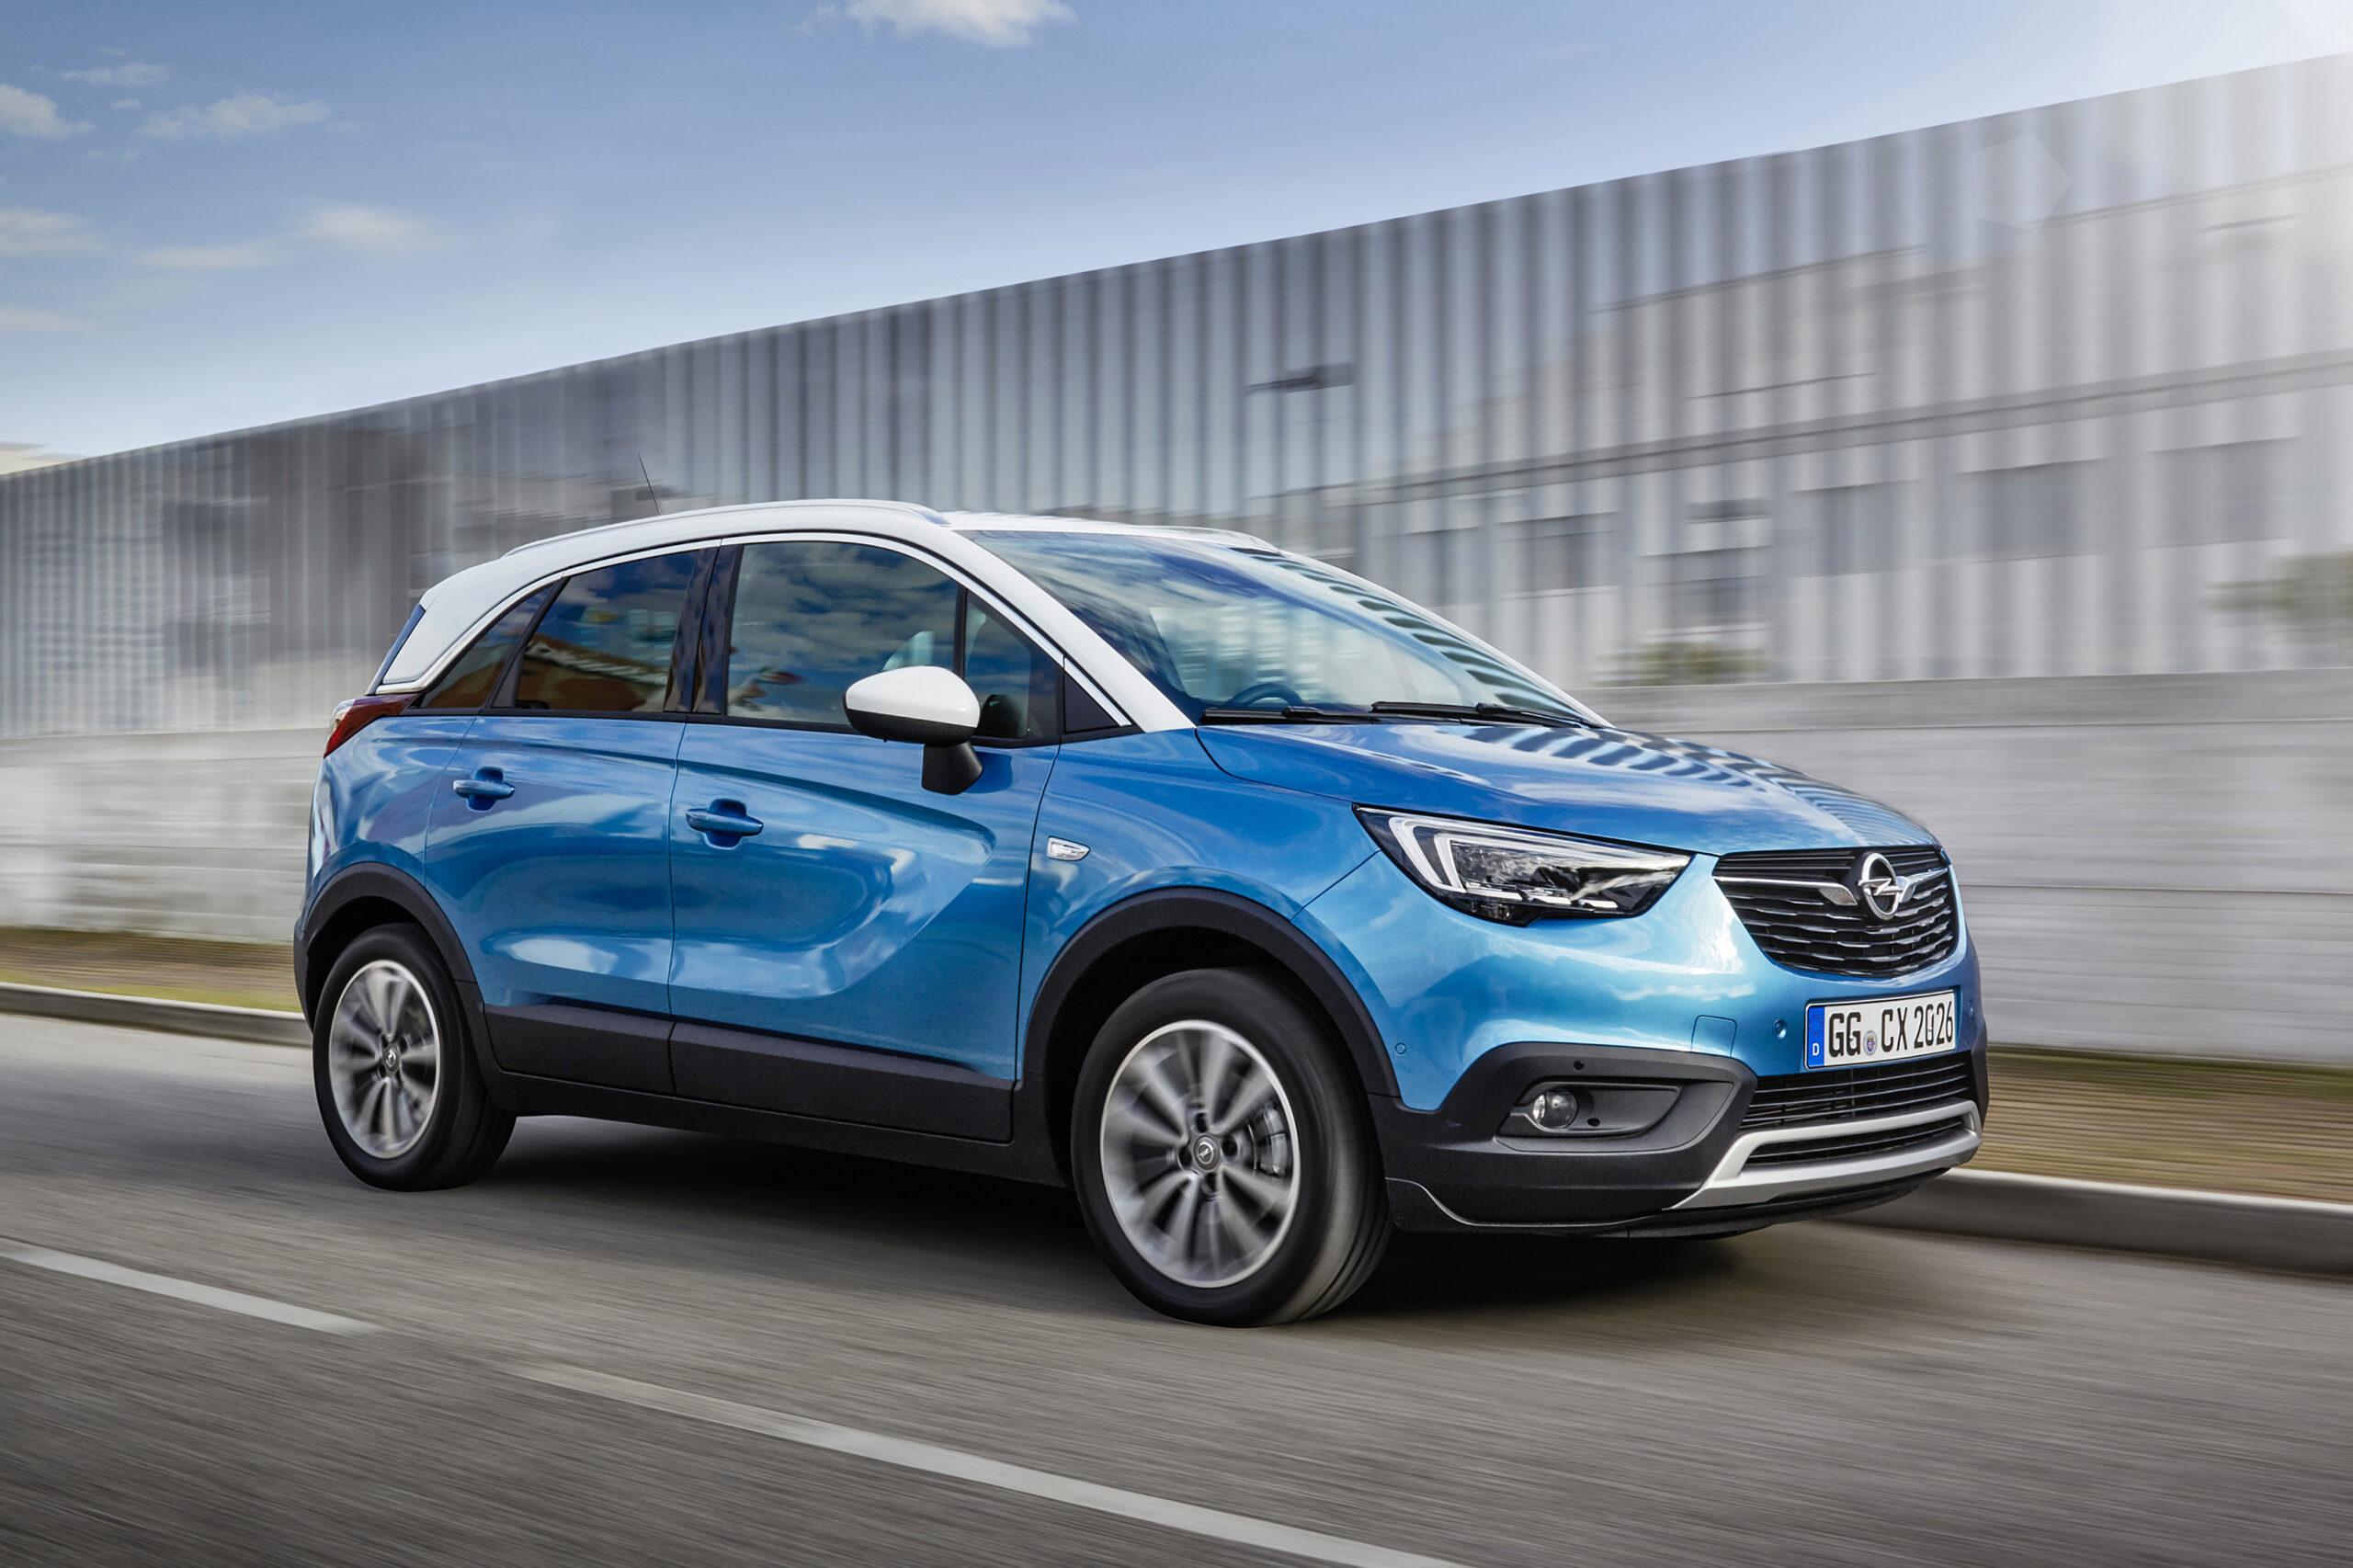 Opel Crossland X FlexFuel